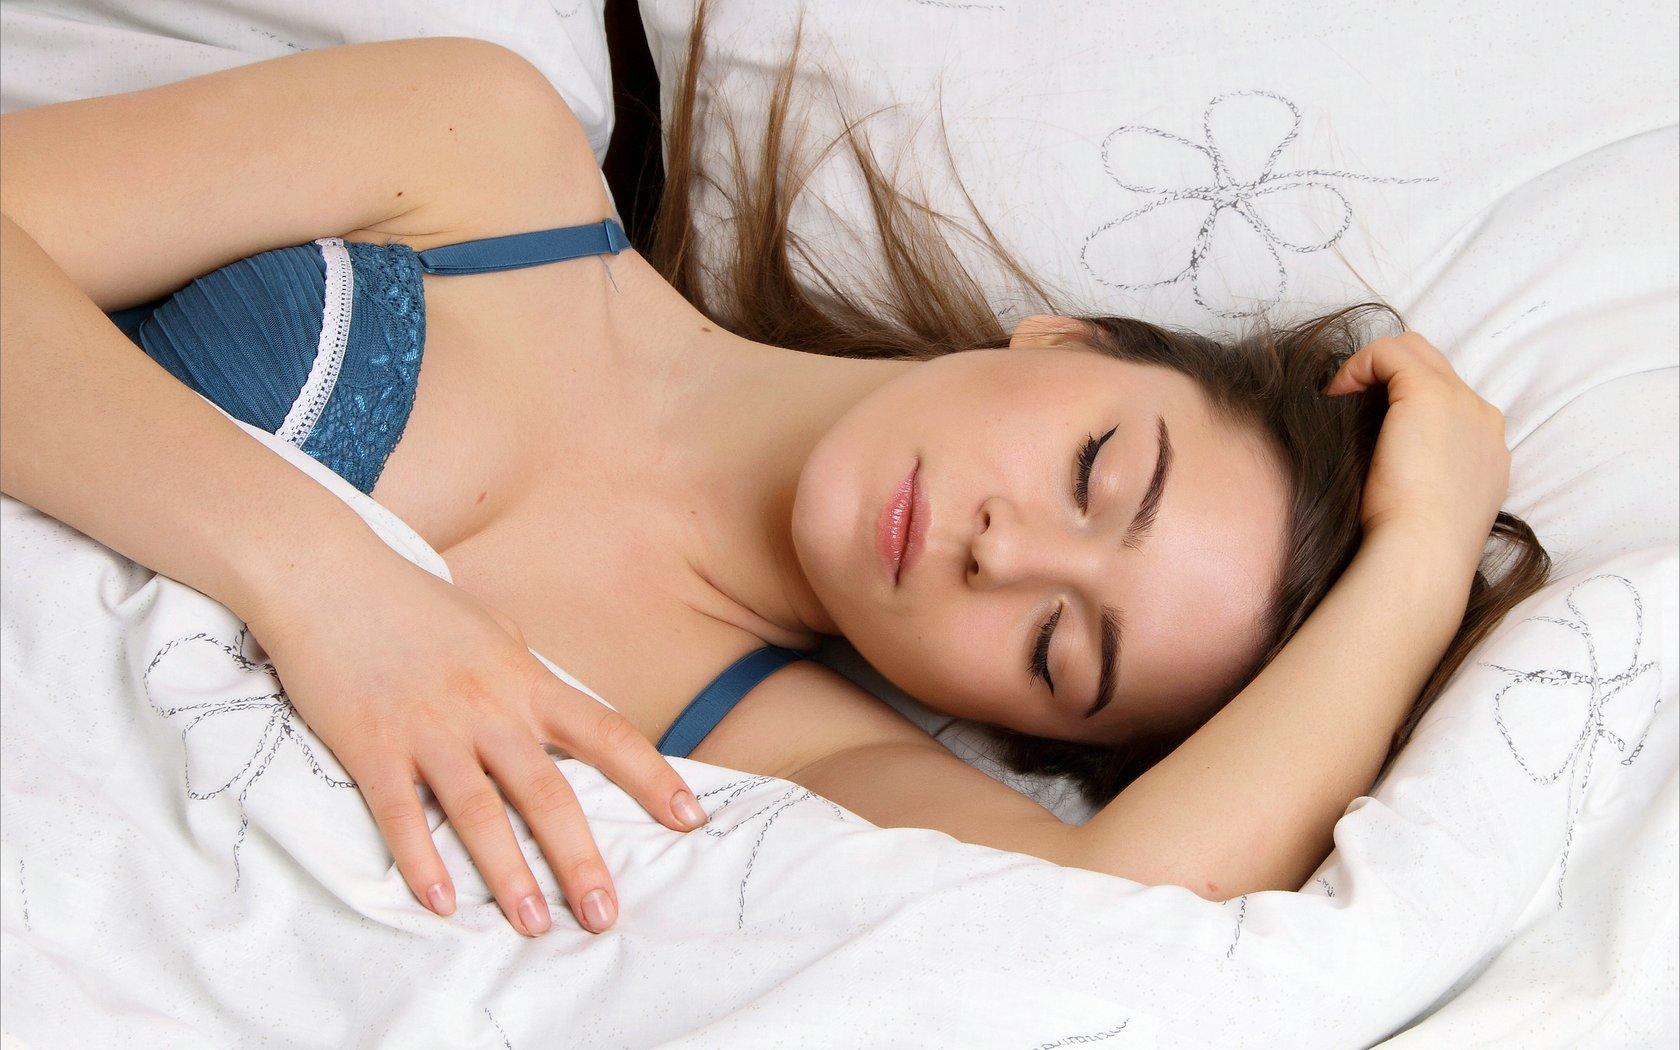 Красивая картинка спящей девушки